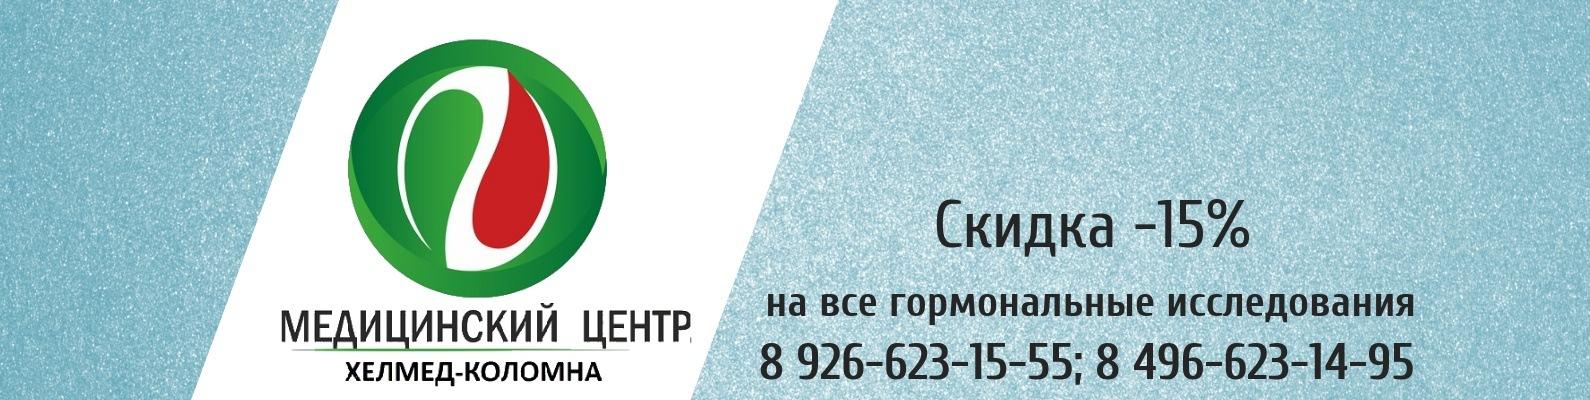 Медицинские книжки в Коломне по телефону